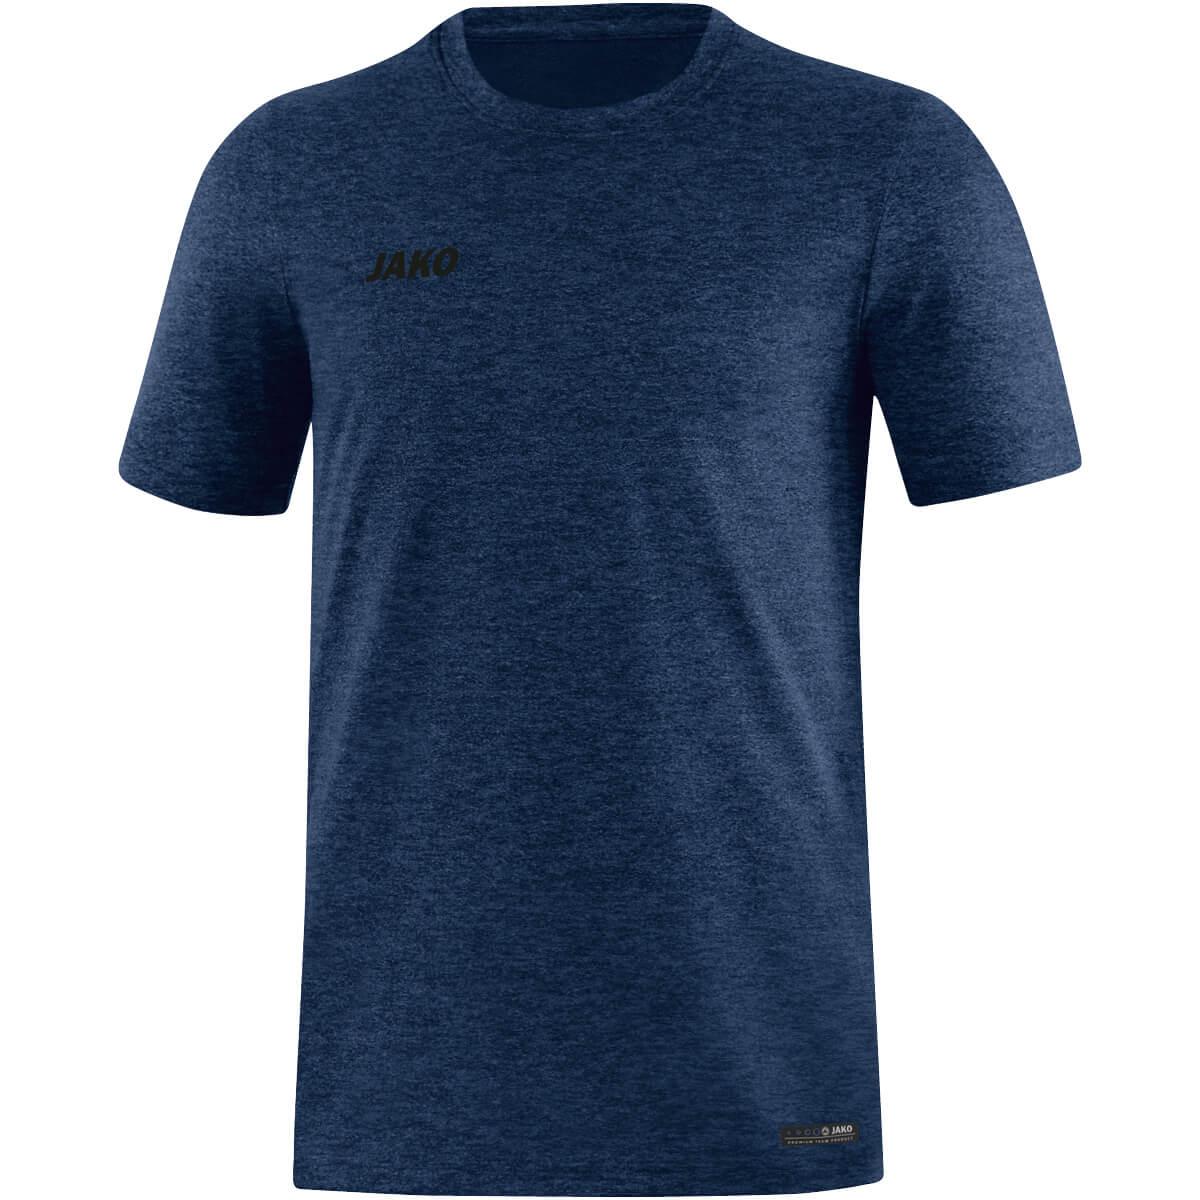 Jako T-Shirt Premium Basics Herren 6129  | div. Größen / Farben